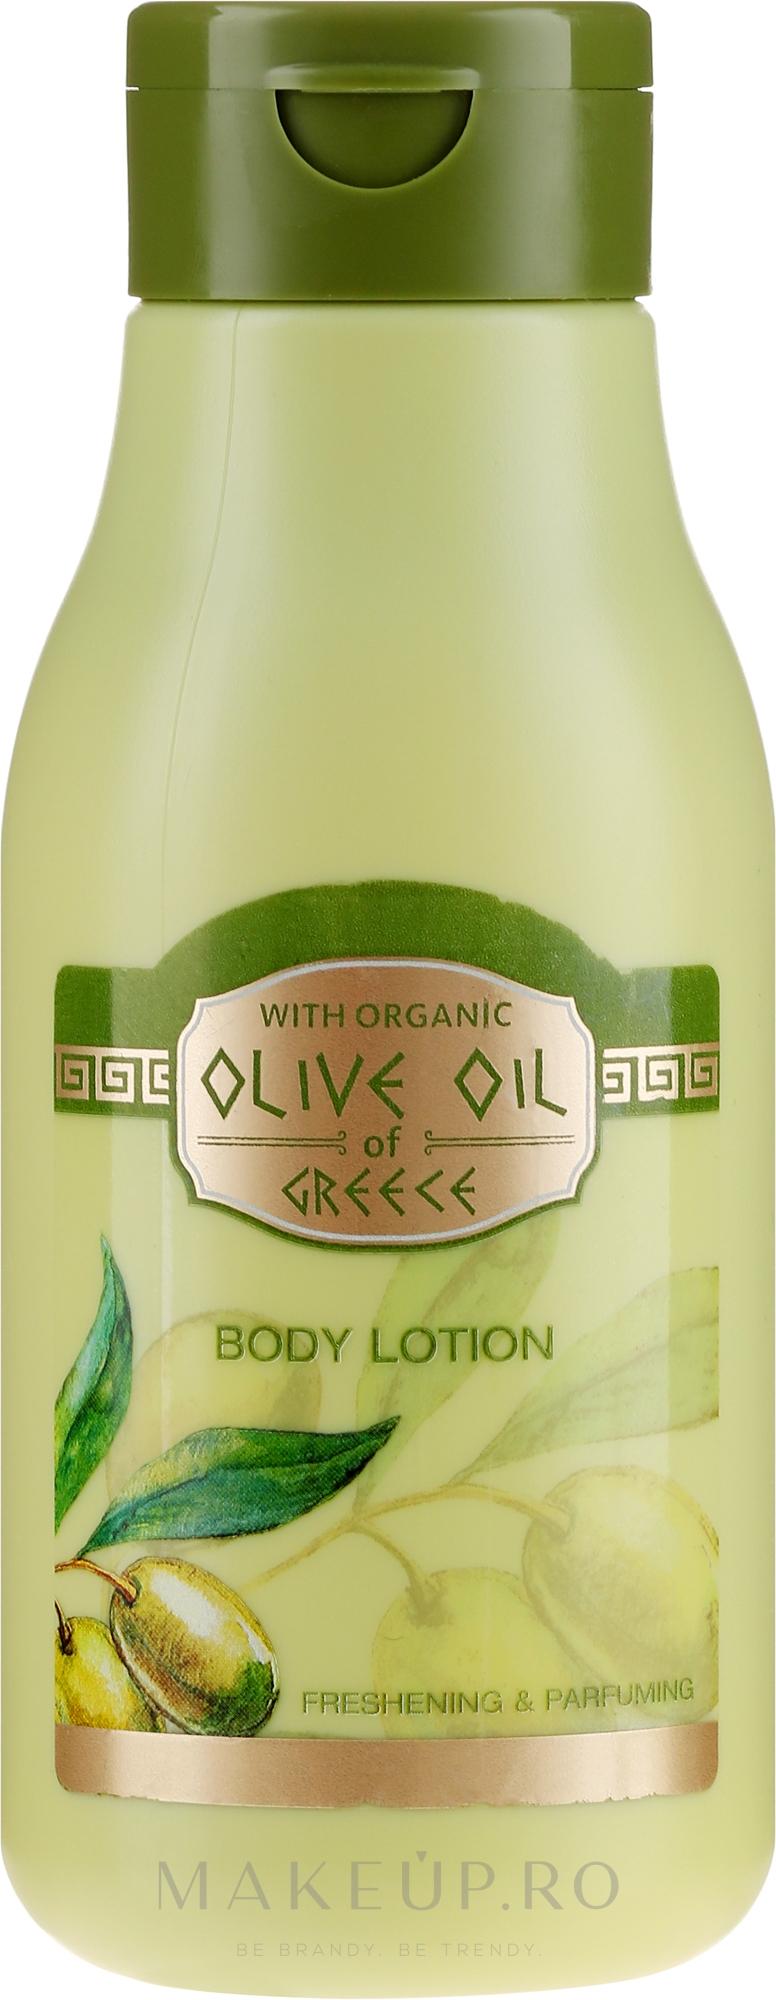 Loțiune răcoritoare și parfumată pentru corp - BioFresh Olive Oil Of Greece Body Lotion — Imagine 300 ml